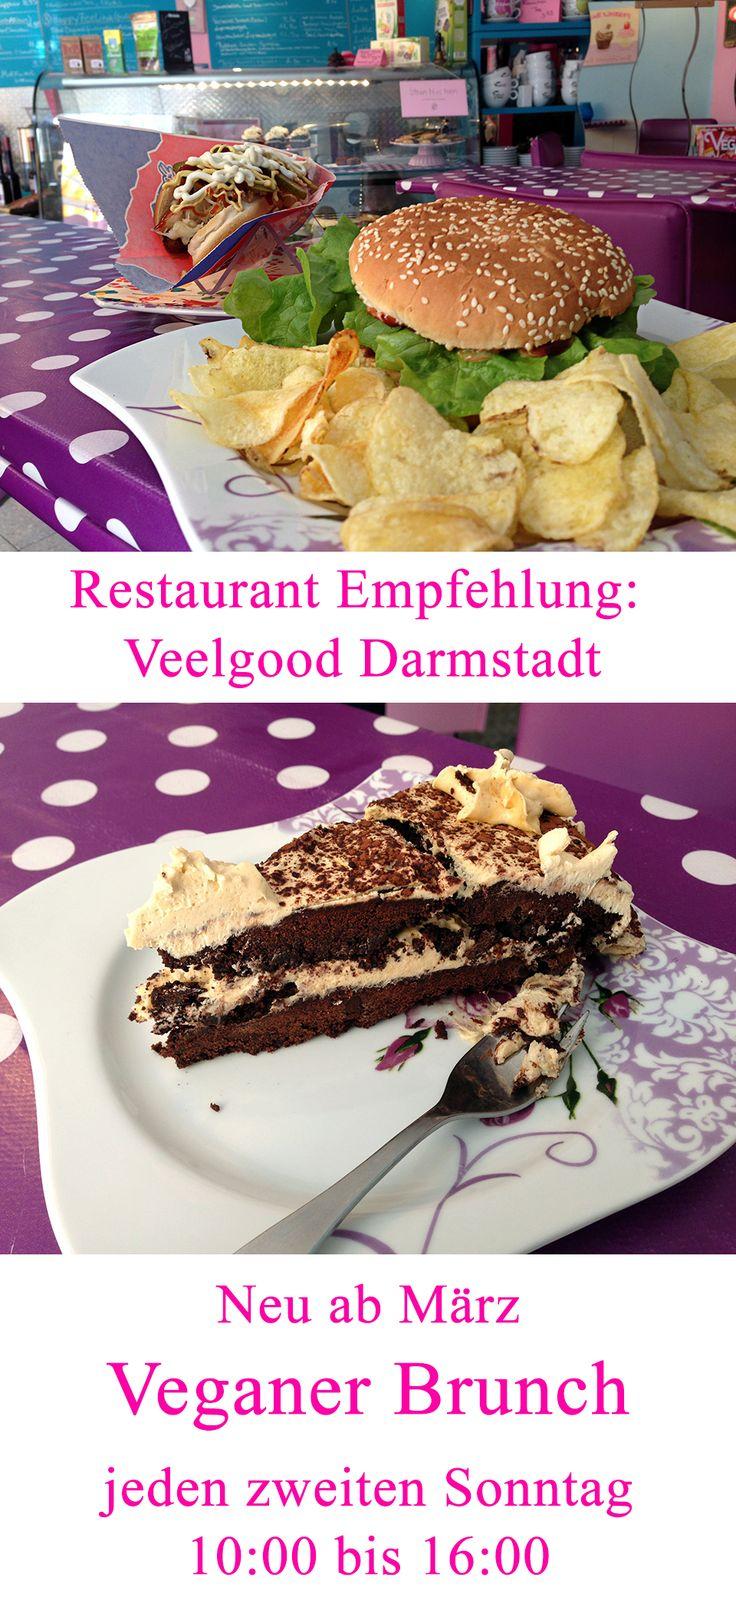 Restaurant Empfehlung: Veelgood - die vegane Chillout Location in Darmstadt! Jetzt neu ab März: Sonntags Brunch jeden zweiten Sonntag im Monat